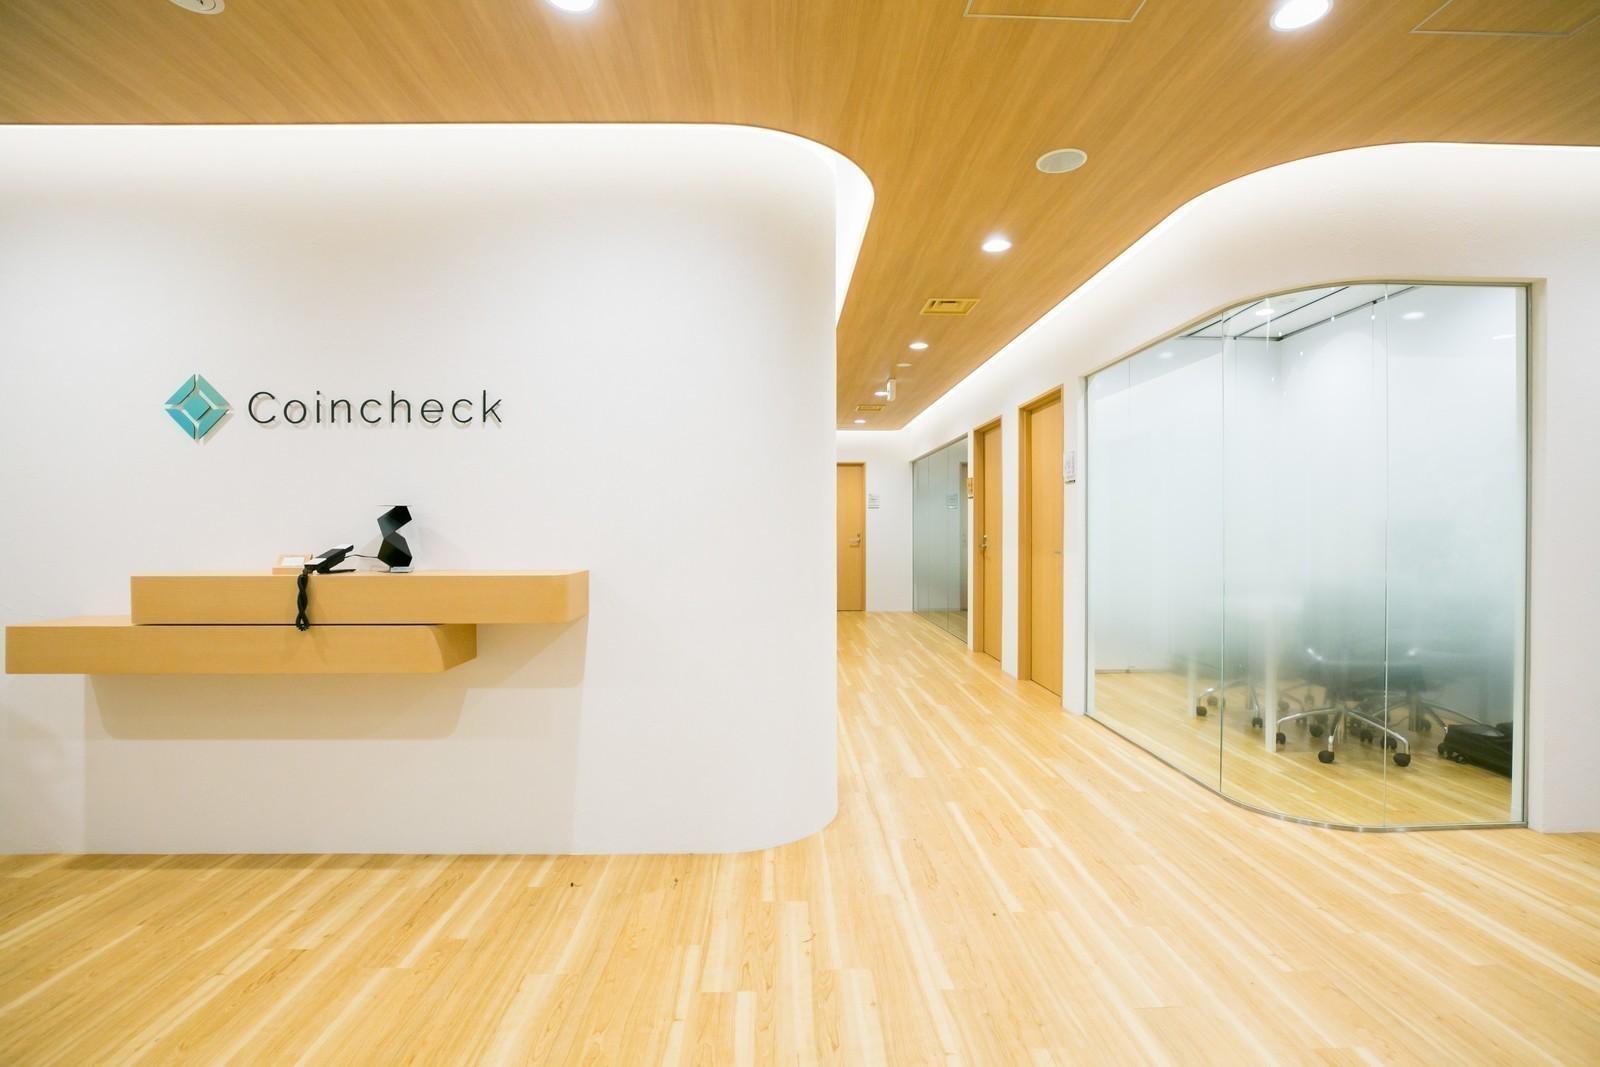 仮想通貨取引所「Coincheck」事業拡大に向けた組織力強化の為 ソフトウェアエンジニア (サービス運用管理担当)を募集!